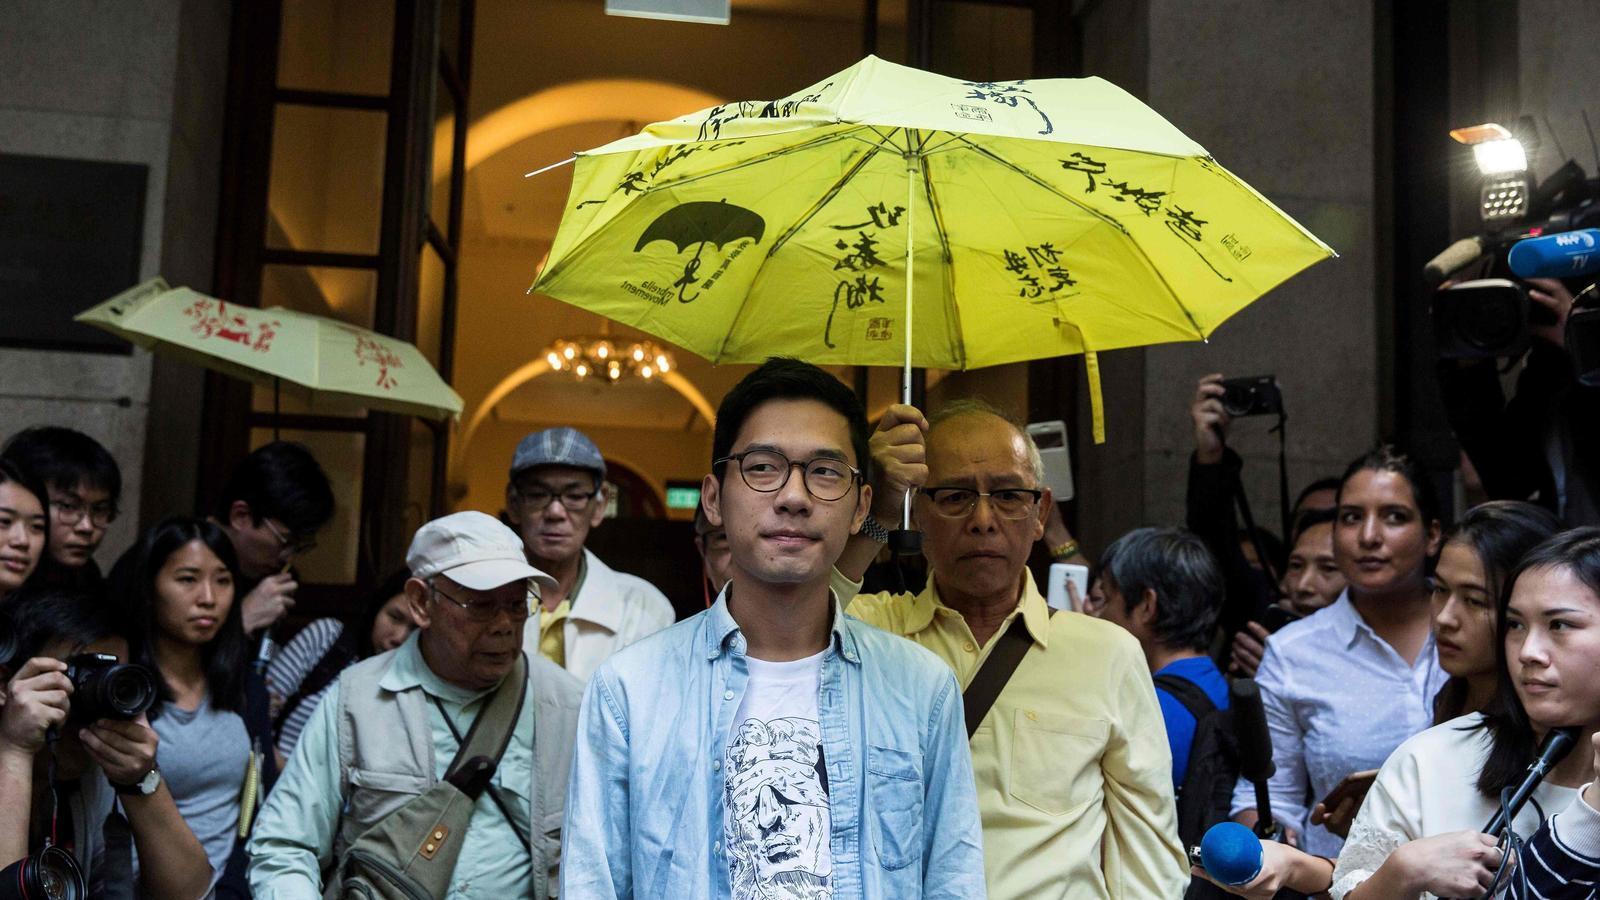 Nathan Law, sota un paraigua groc, símbol de la revolta pro democràcia, en una imatge del 2017